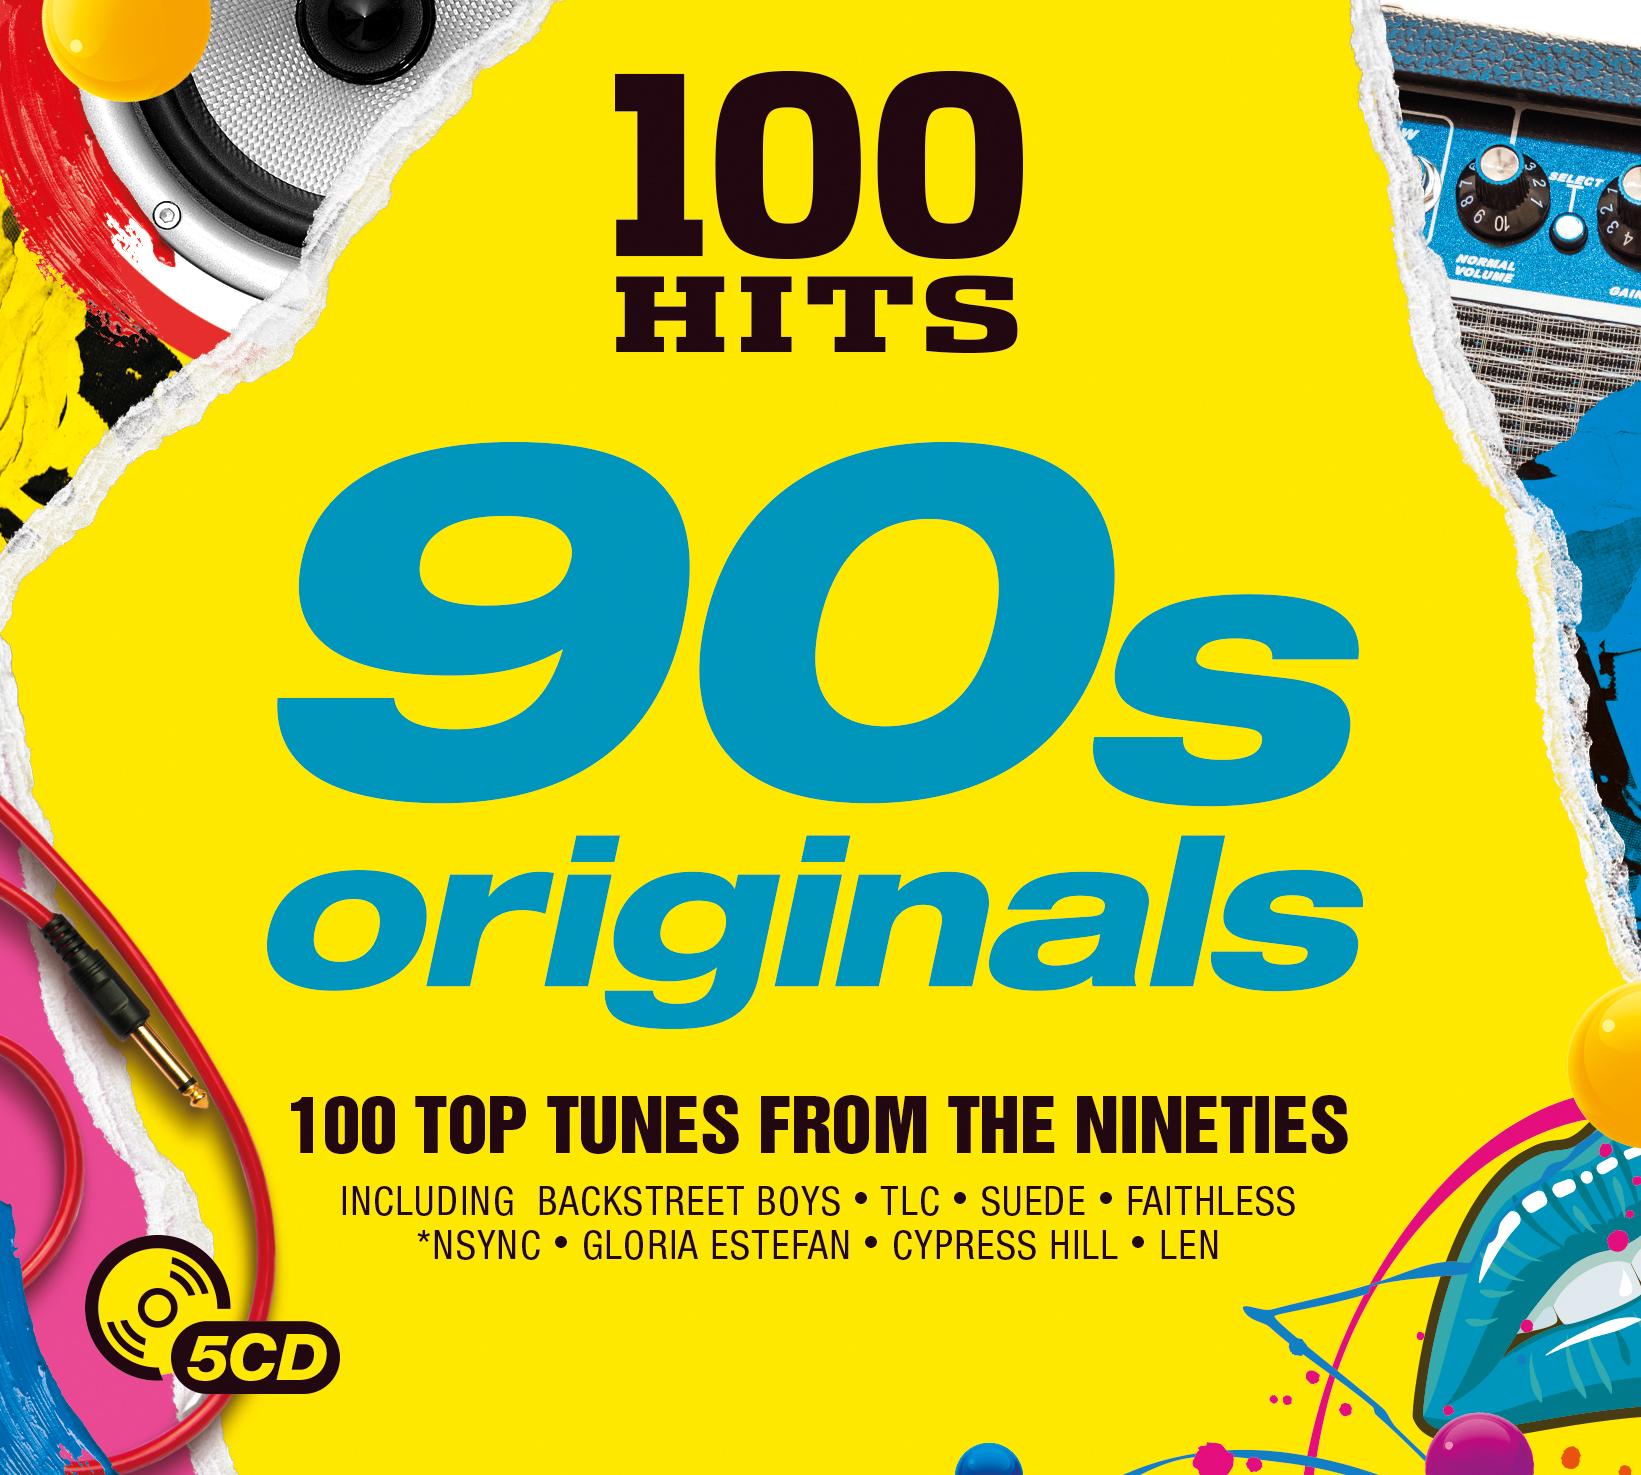 100 Hits - 90s Originals (5CD)